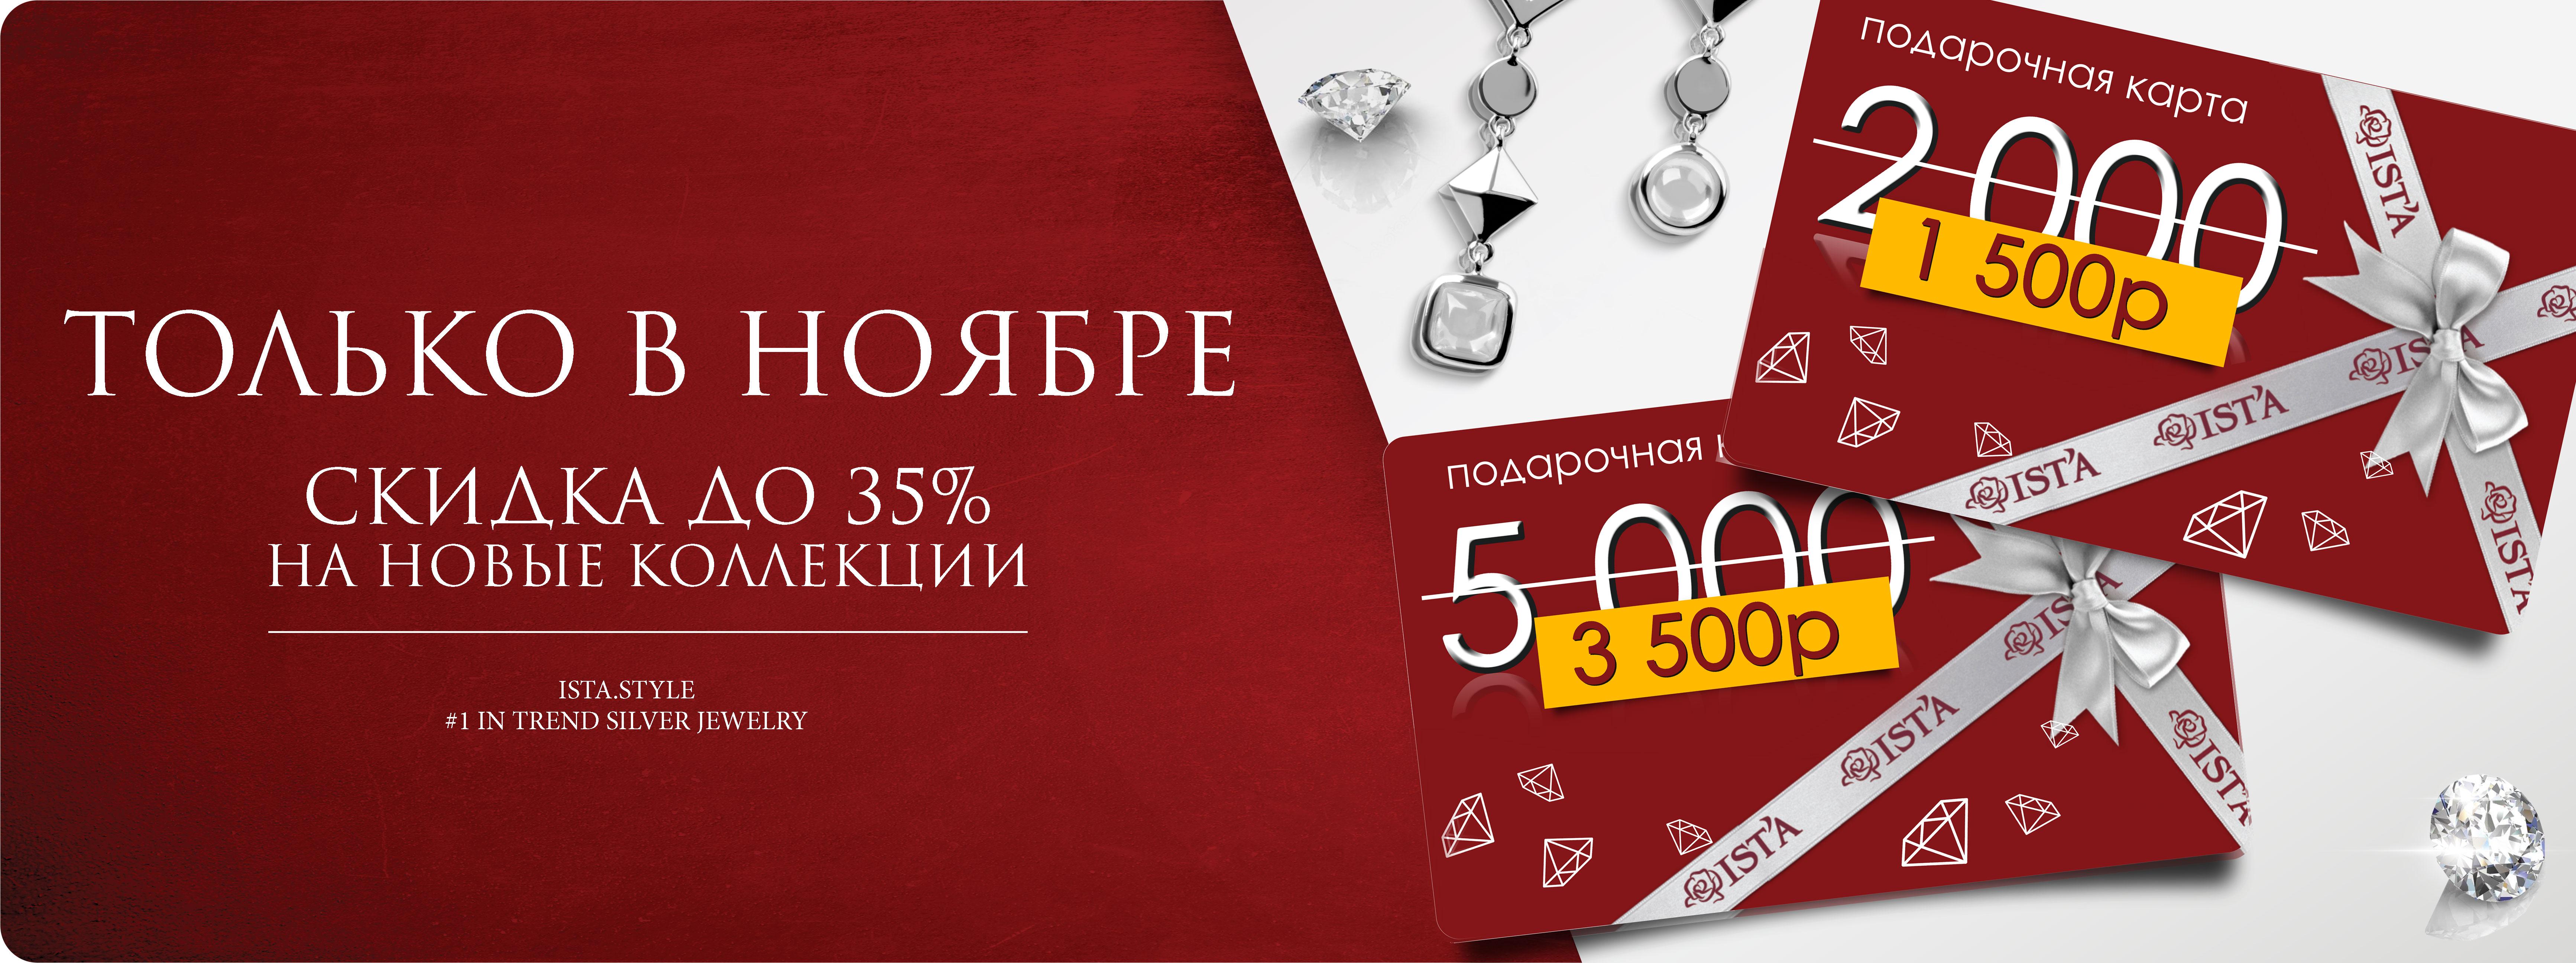 Только в ноябре до 35% на Новые коллекции fa479aa89f2